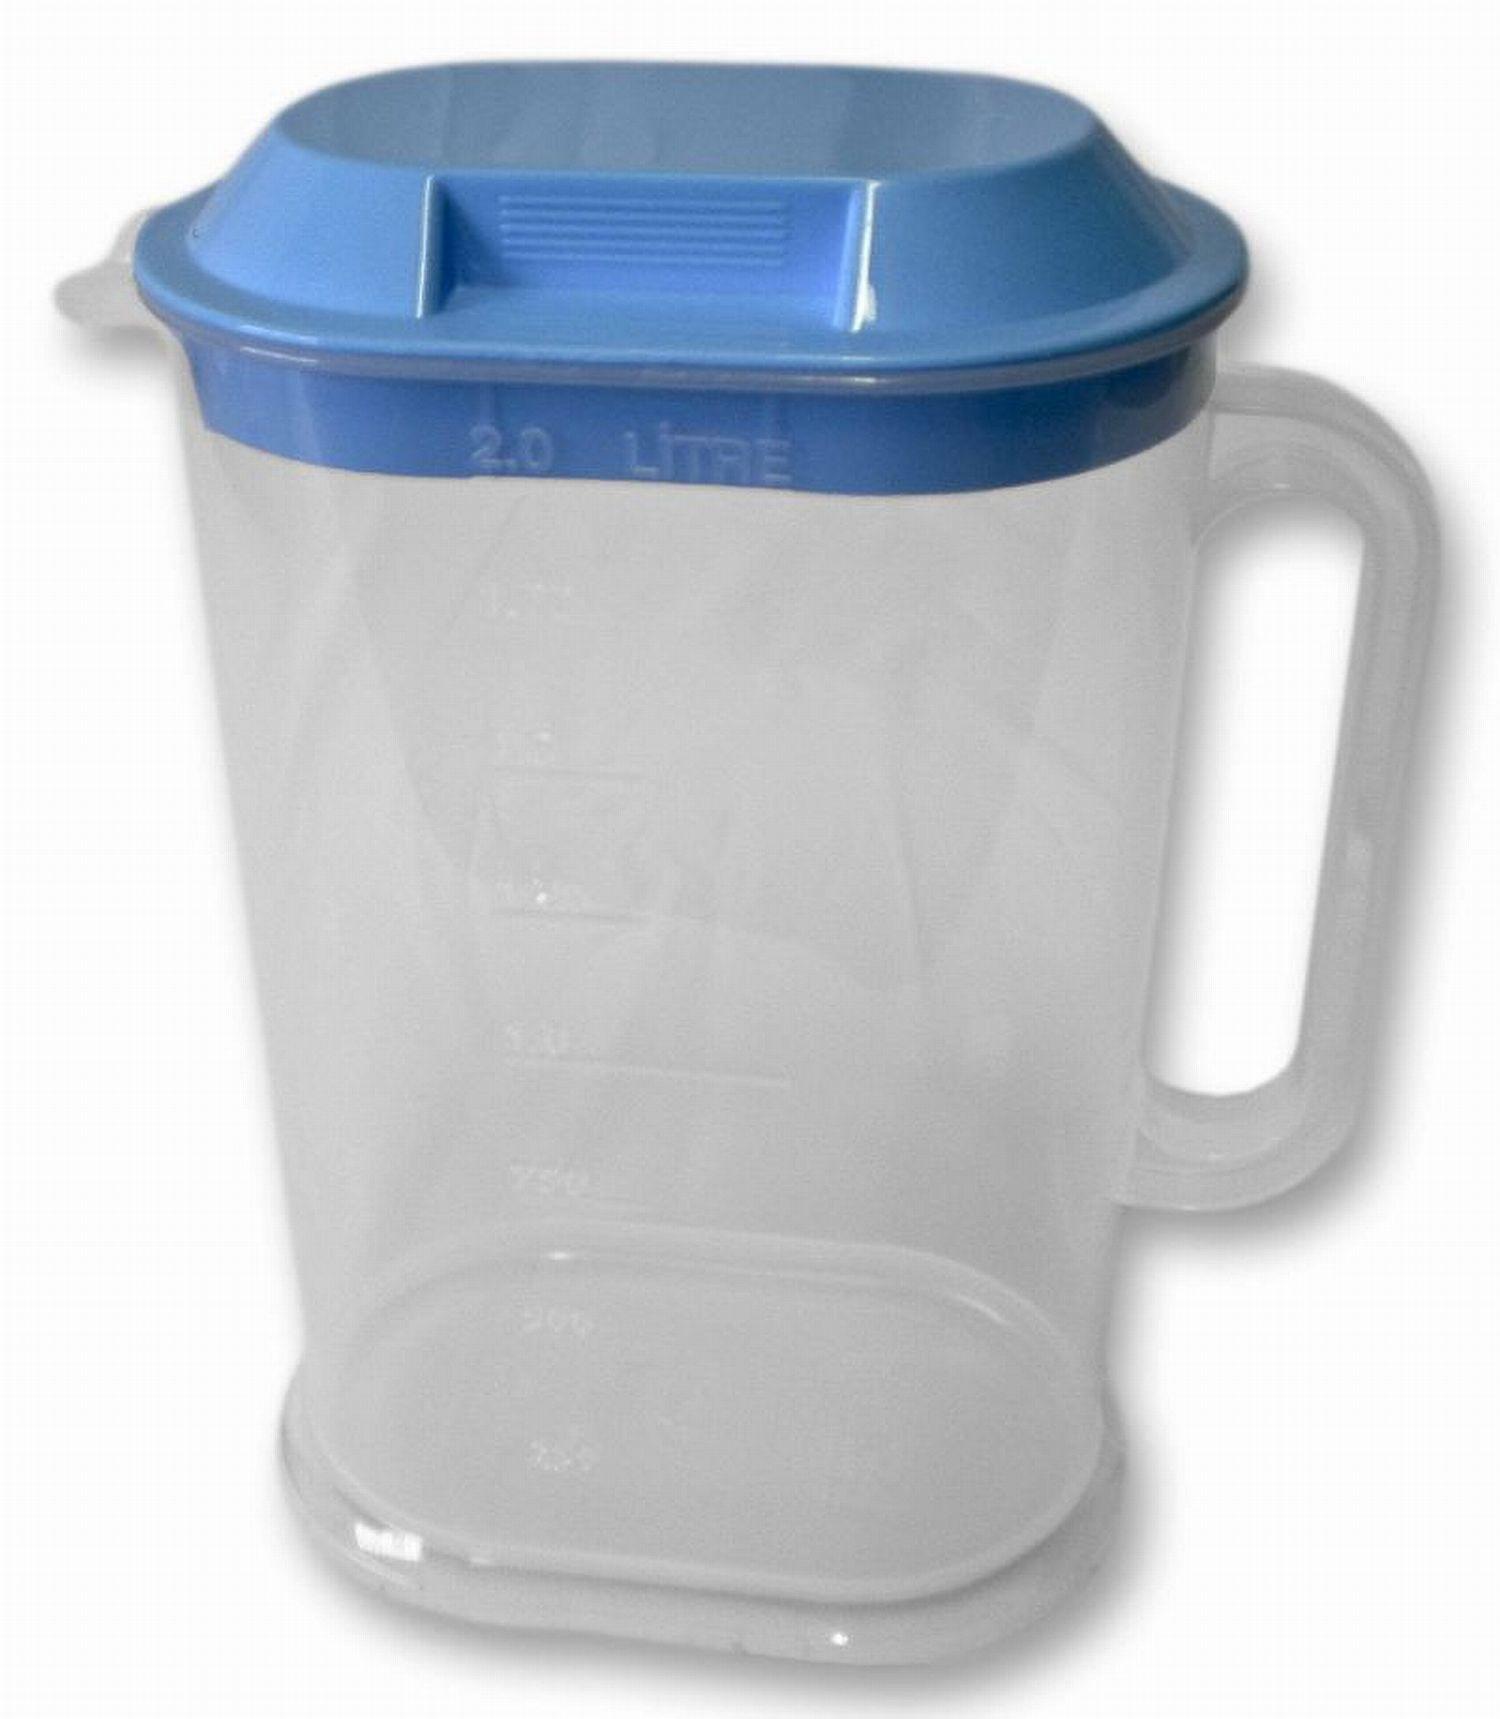 džbán 2,0l s víčkem plast